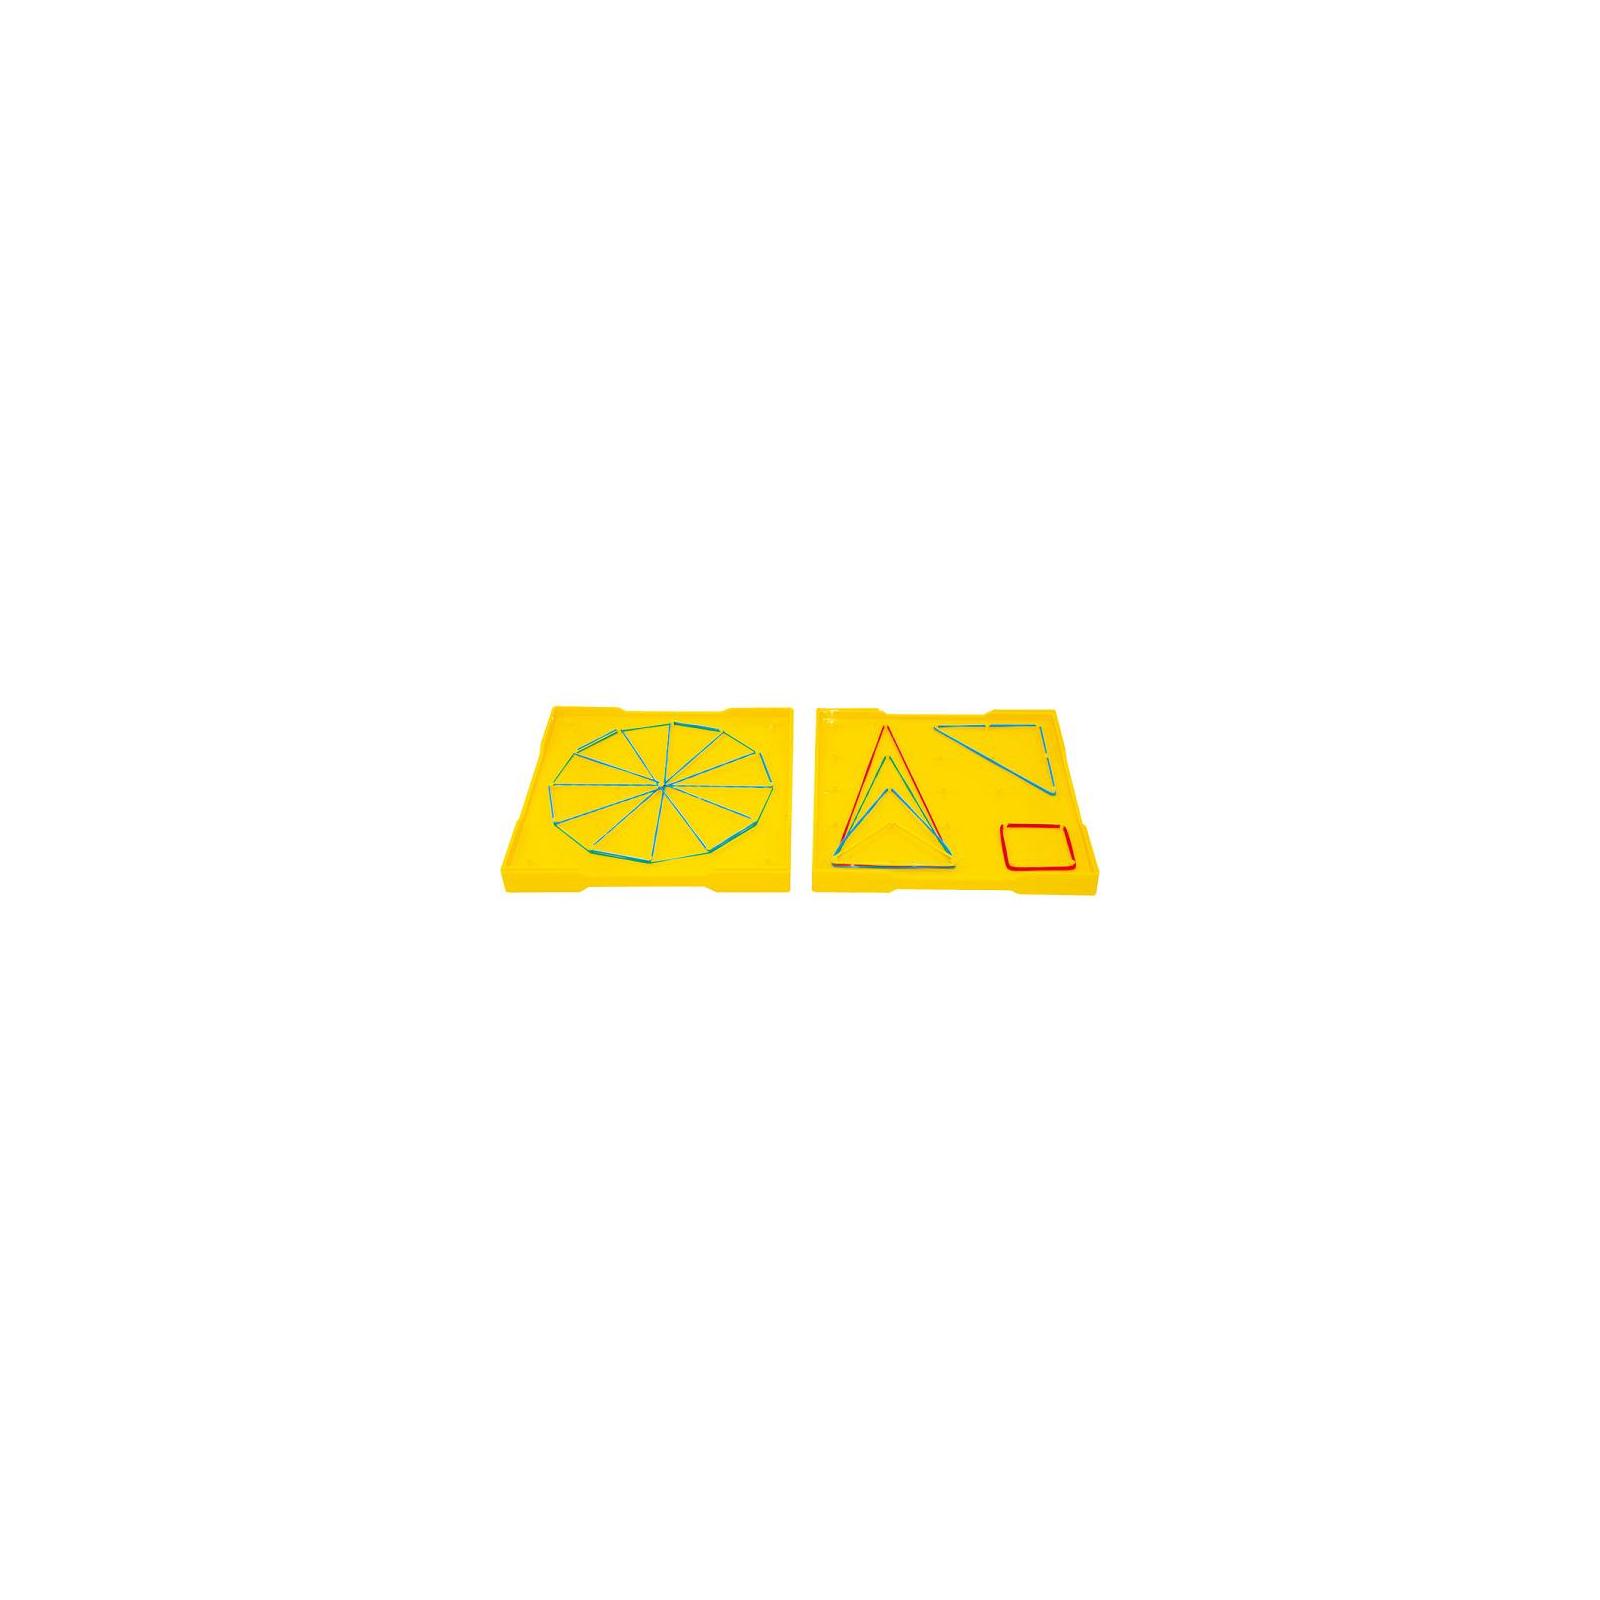 Обучающий набор Gigo Комплект математических планшетов базовый (1601) изображение 2